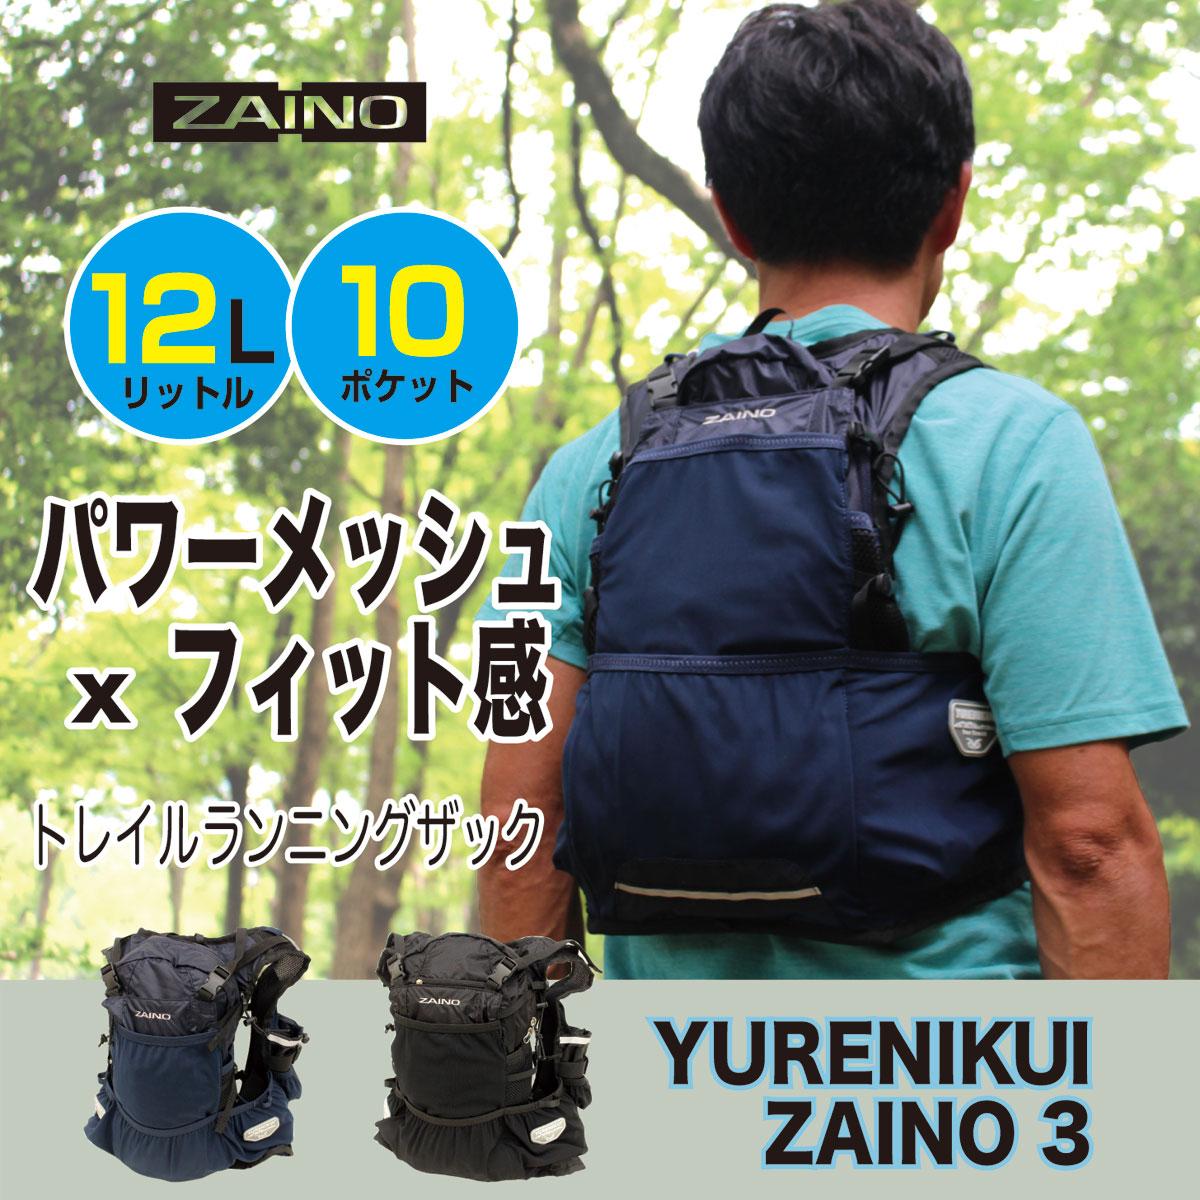 メンズYURENIKUI ZAINO3 男性用(ザイノ3)12L【ユレニクイ ランニング トレイルランニング】